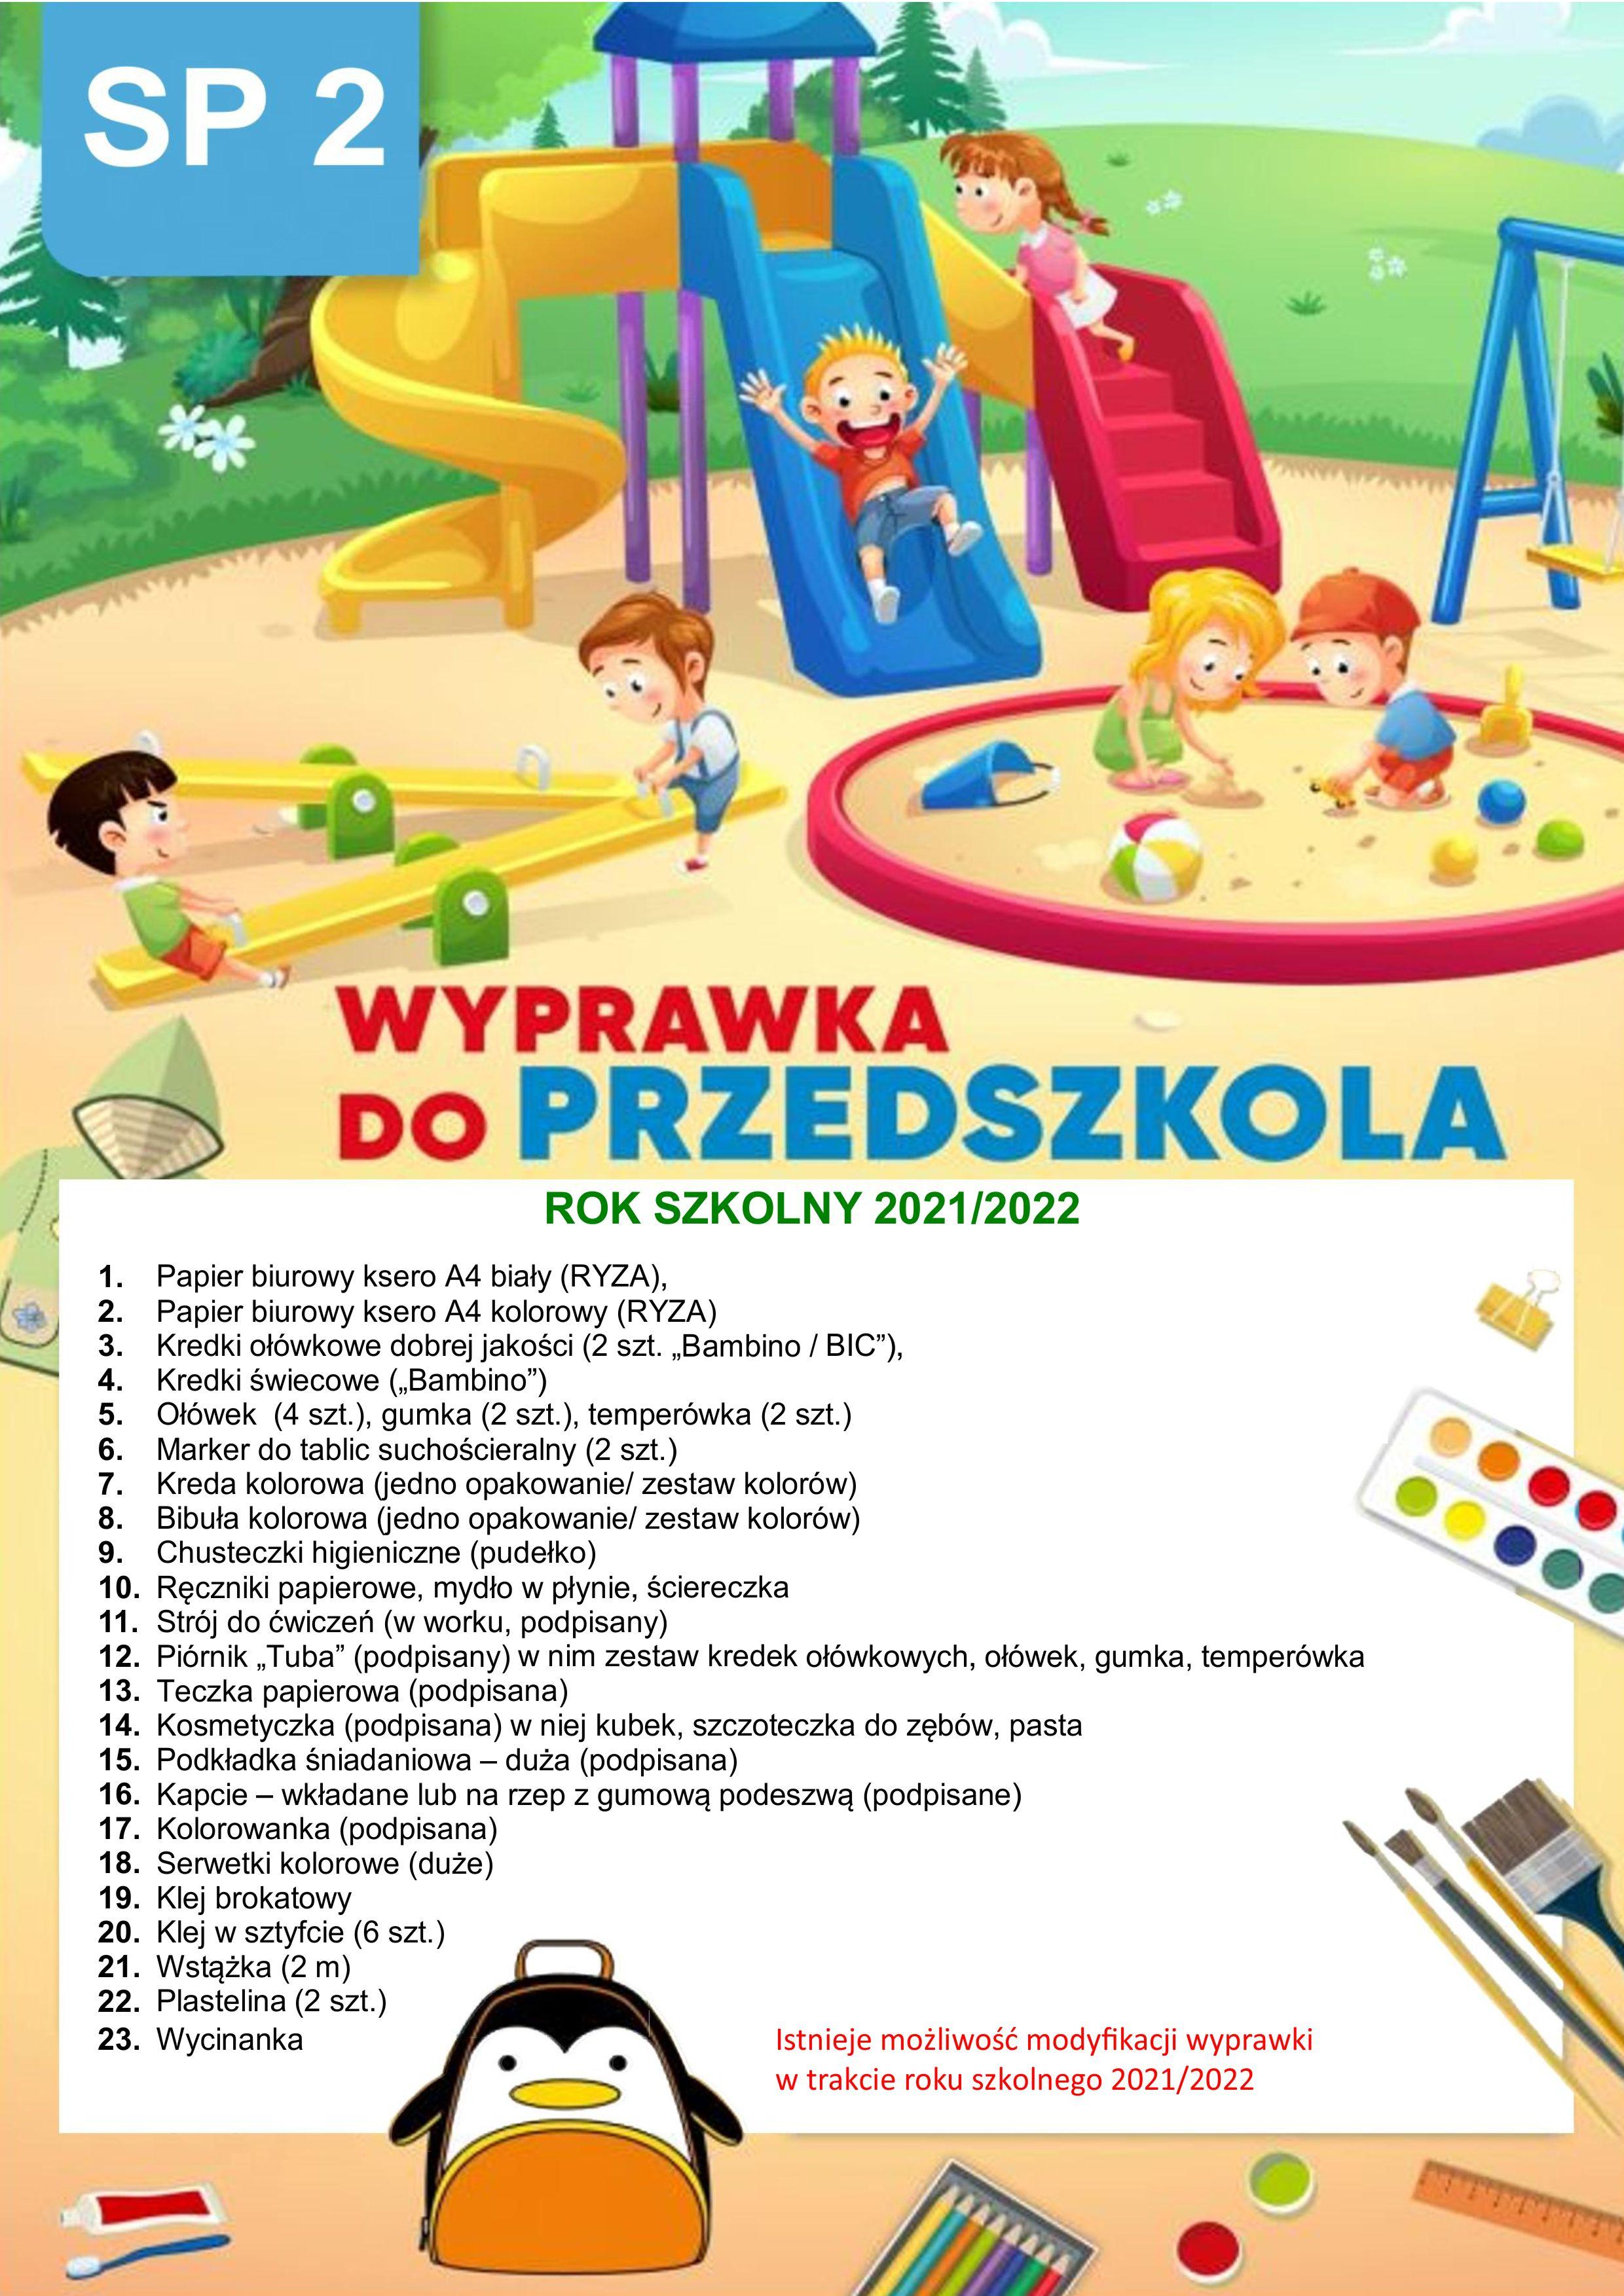 Wyprawka dla oddziału przedszkolnego 2021-2022